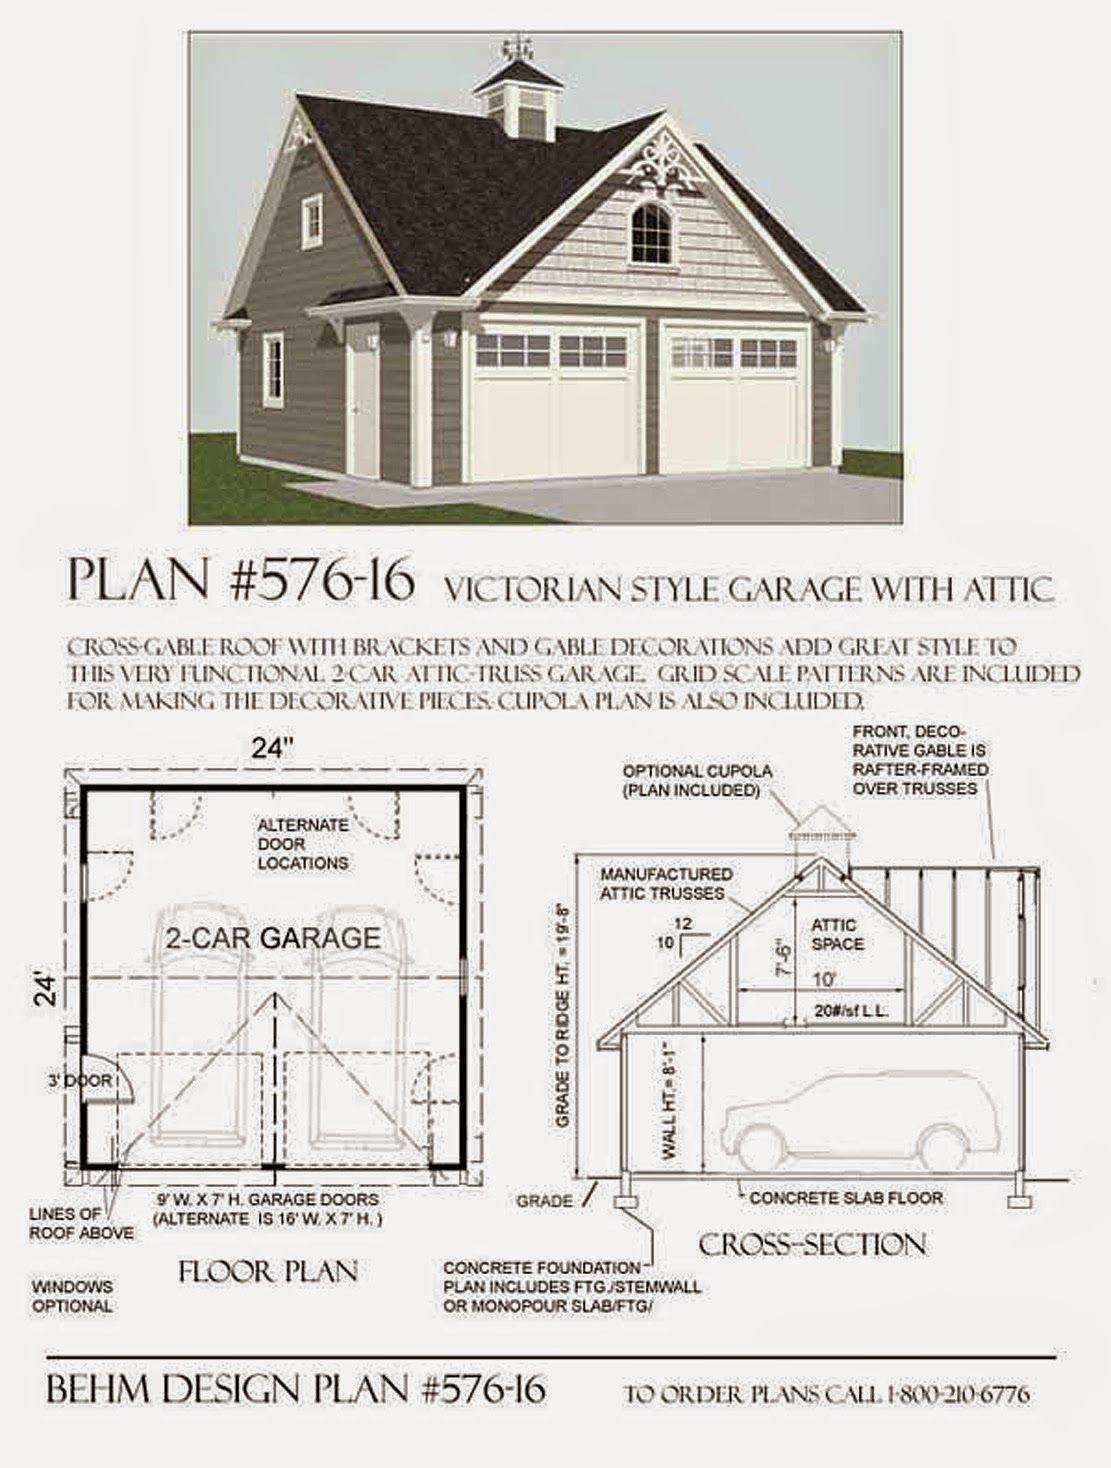 Garage Plans Blog Behm Design Garage Plan Examples Garage Plans 2 Car Garage Plans Garage Plan